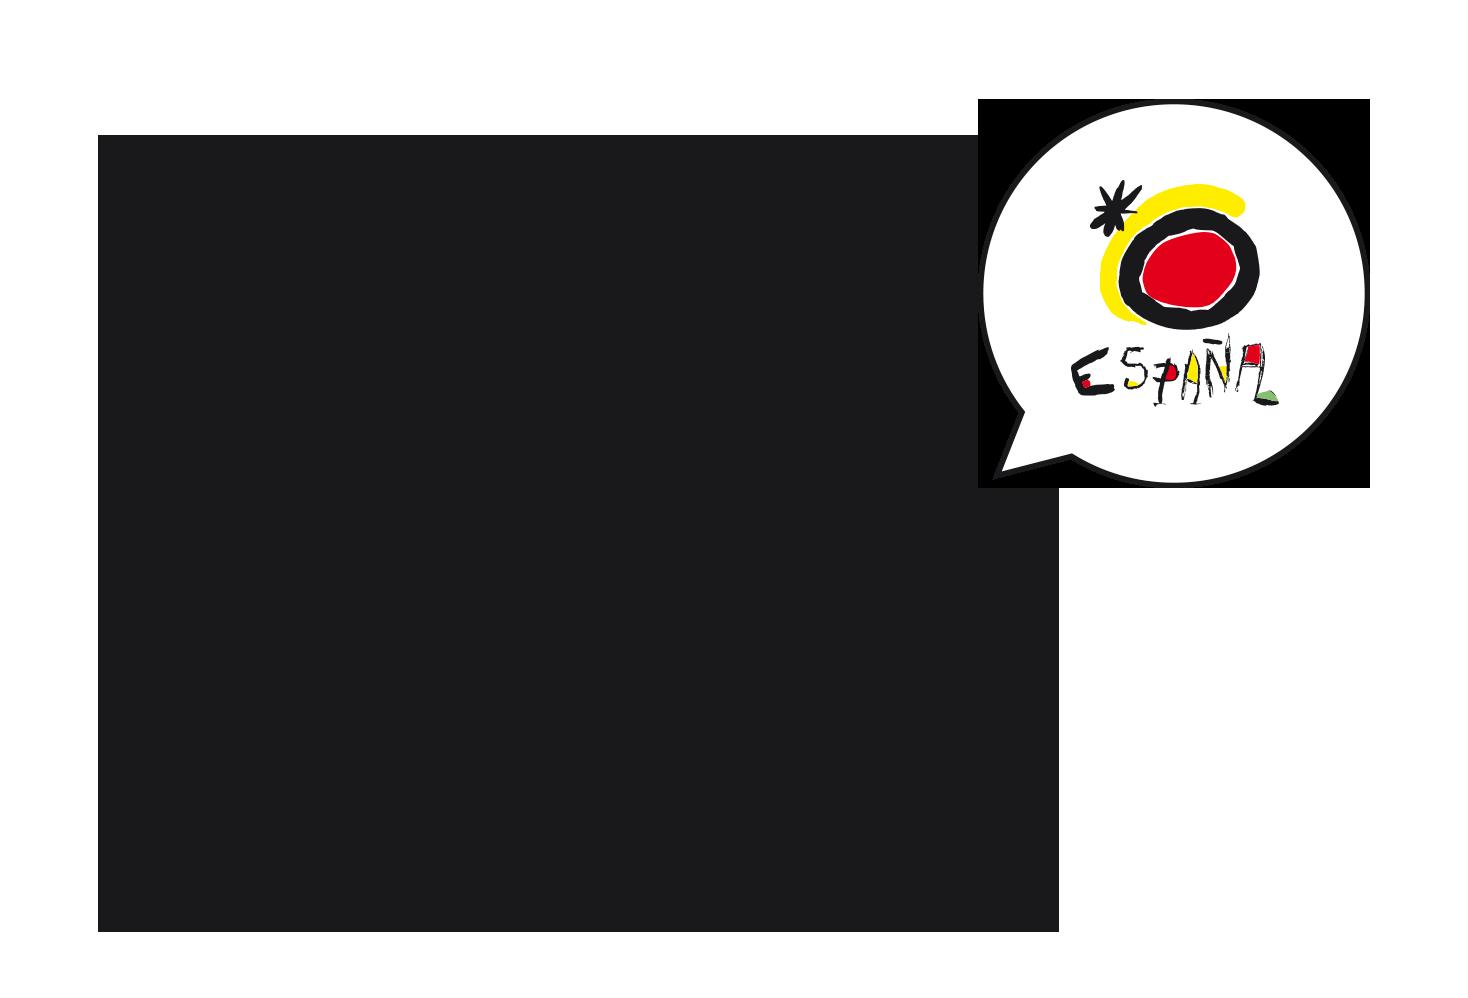 Logotipo-en-inglés-limitado